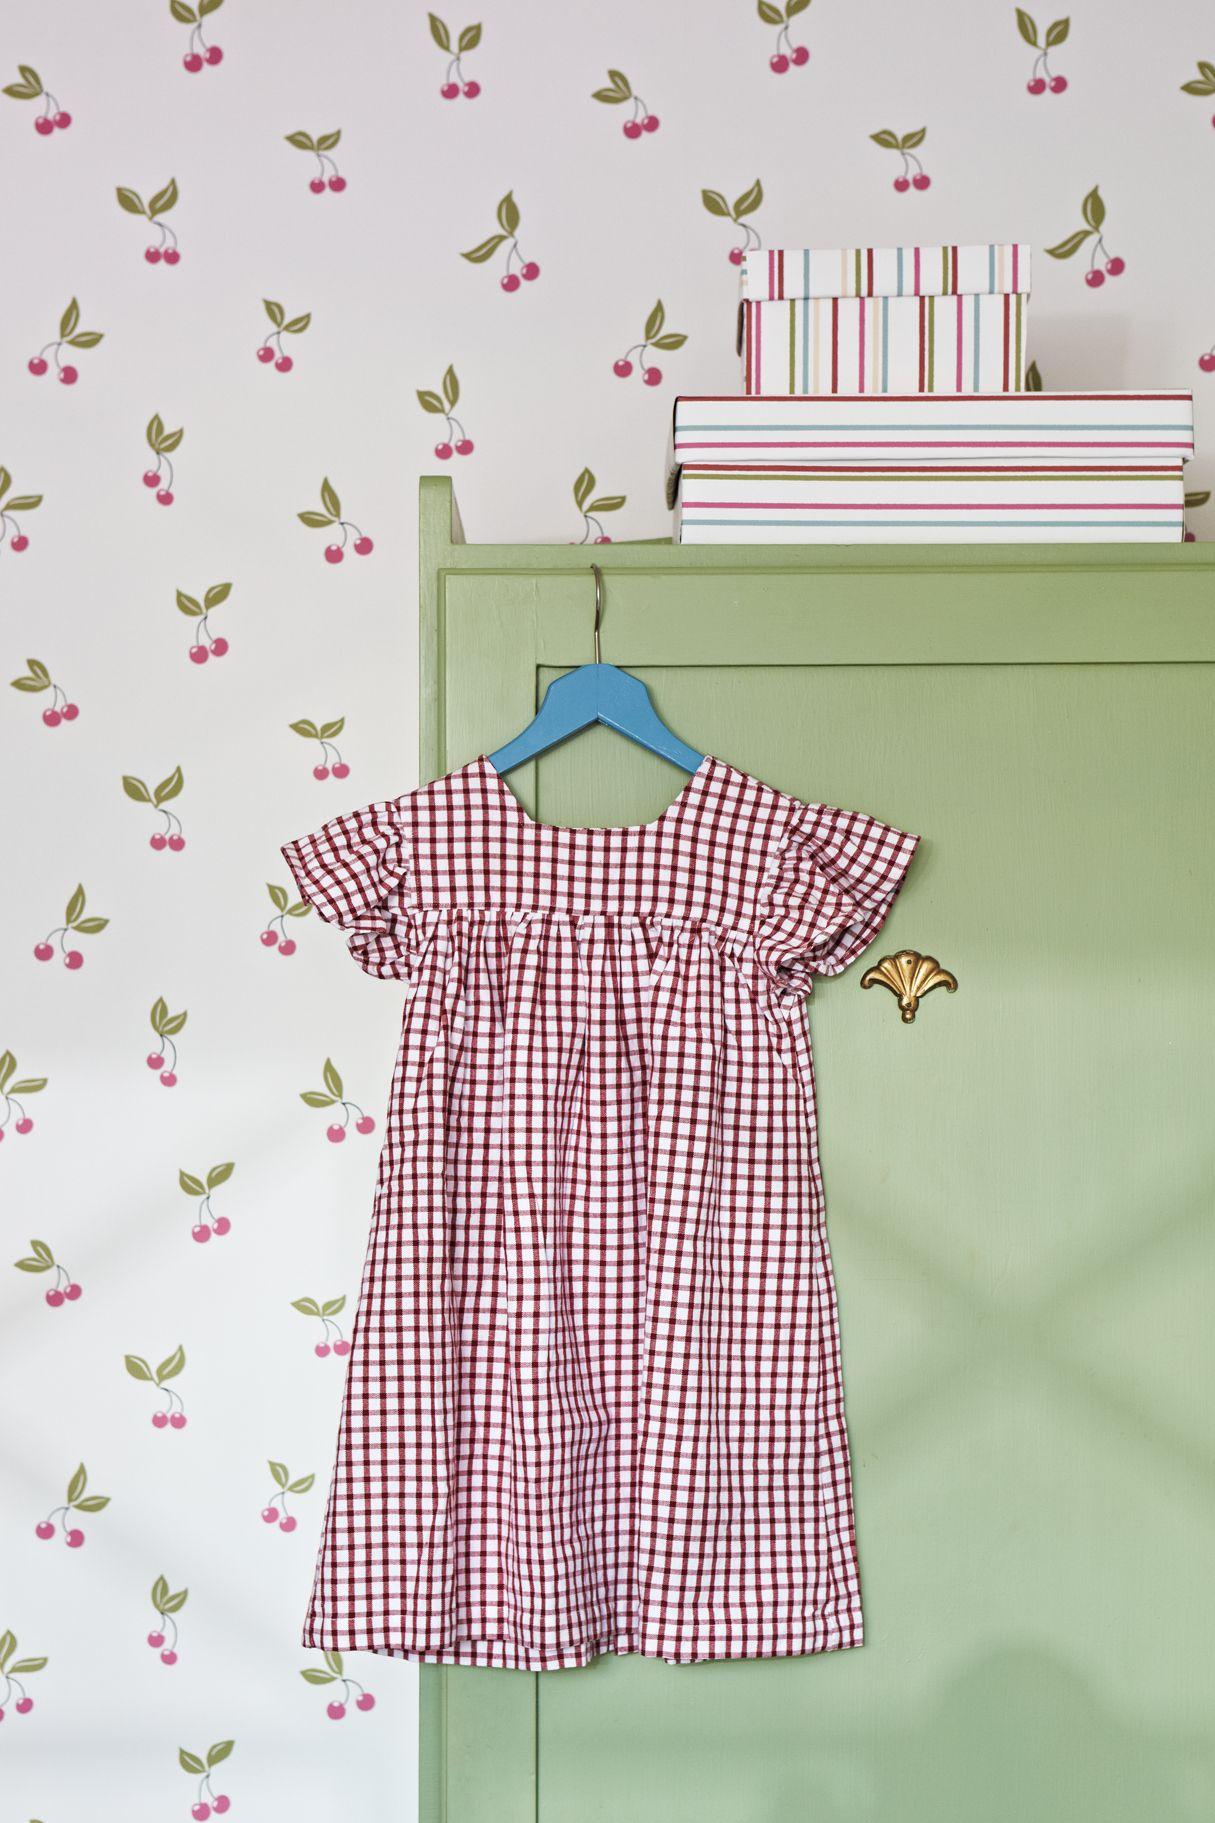 kinderzimmer lilleby 2655 vlies tapete mit kirschen in rot und gr n auf altwei home style. Black Bedroom Furniture Sets. Home Design Ideas